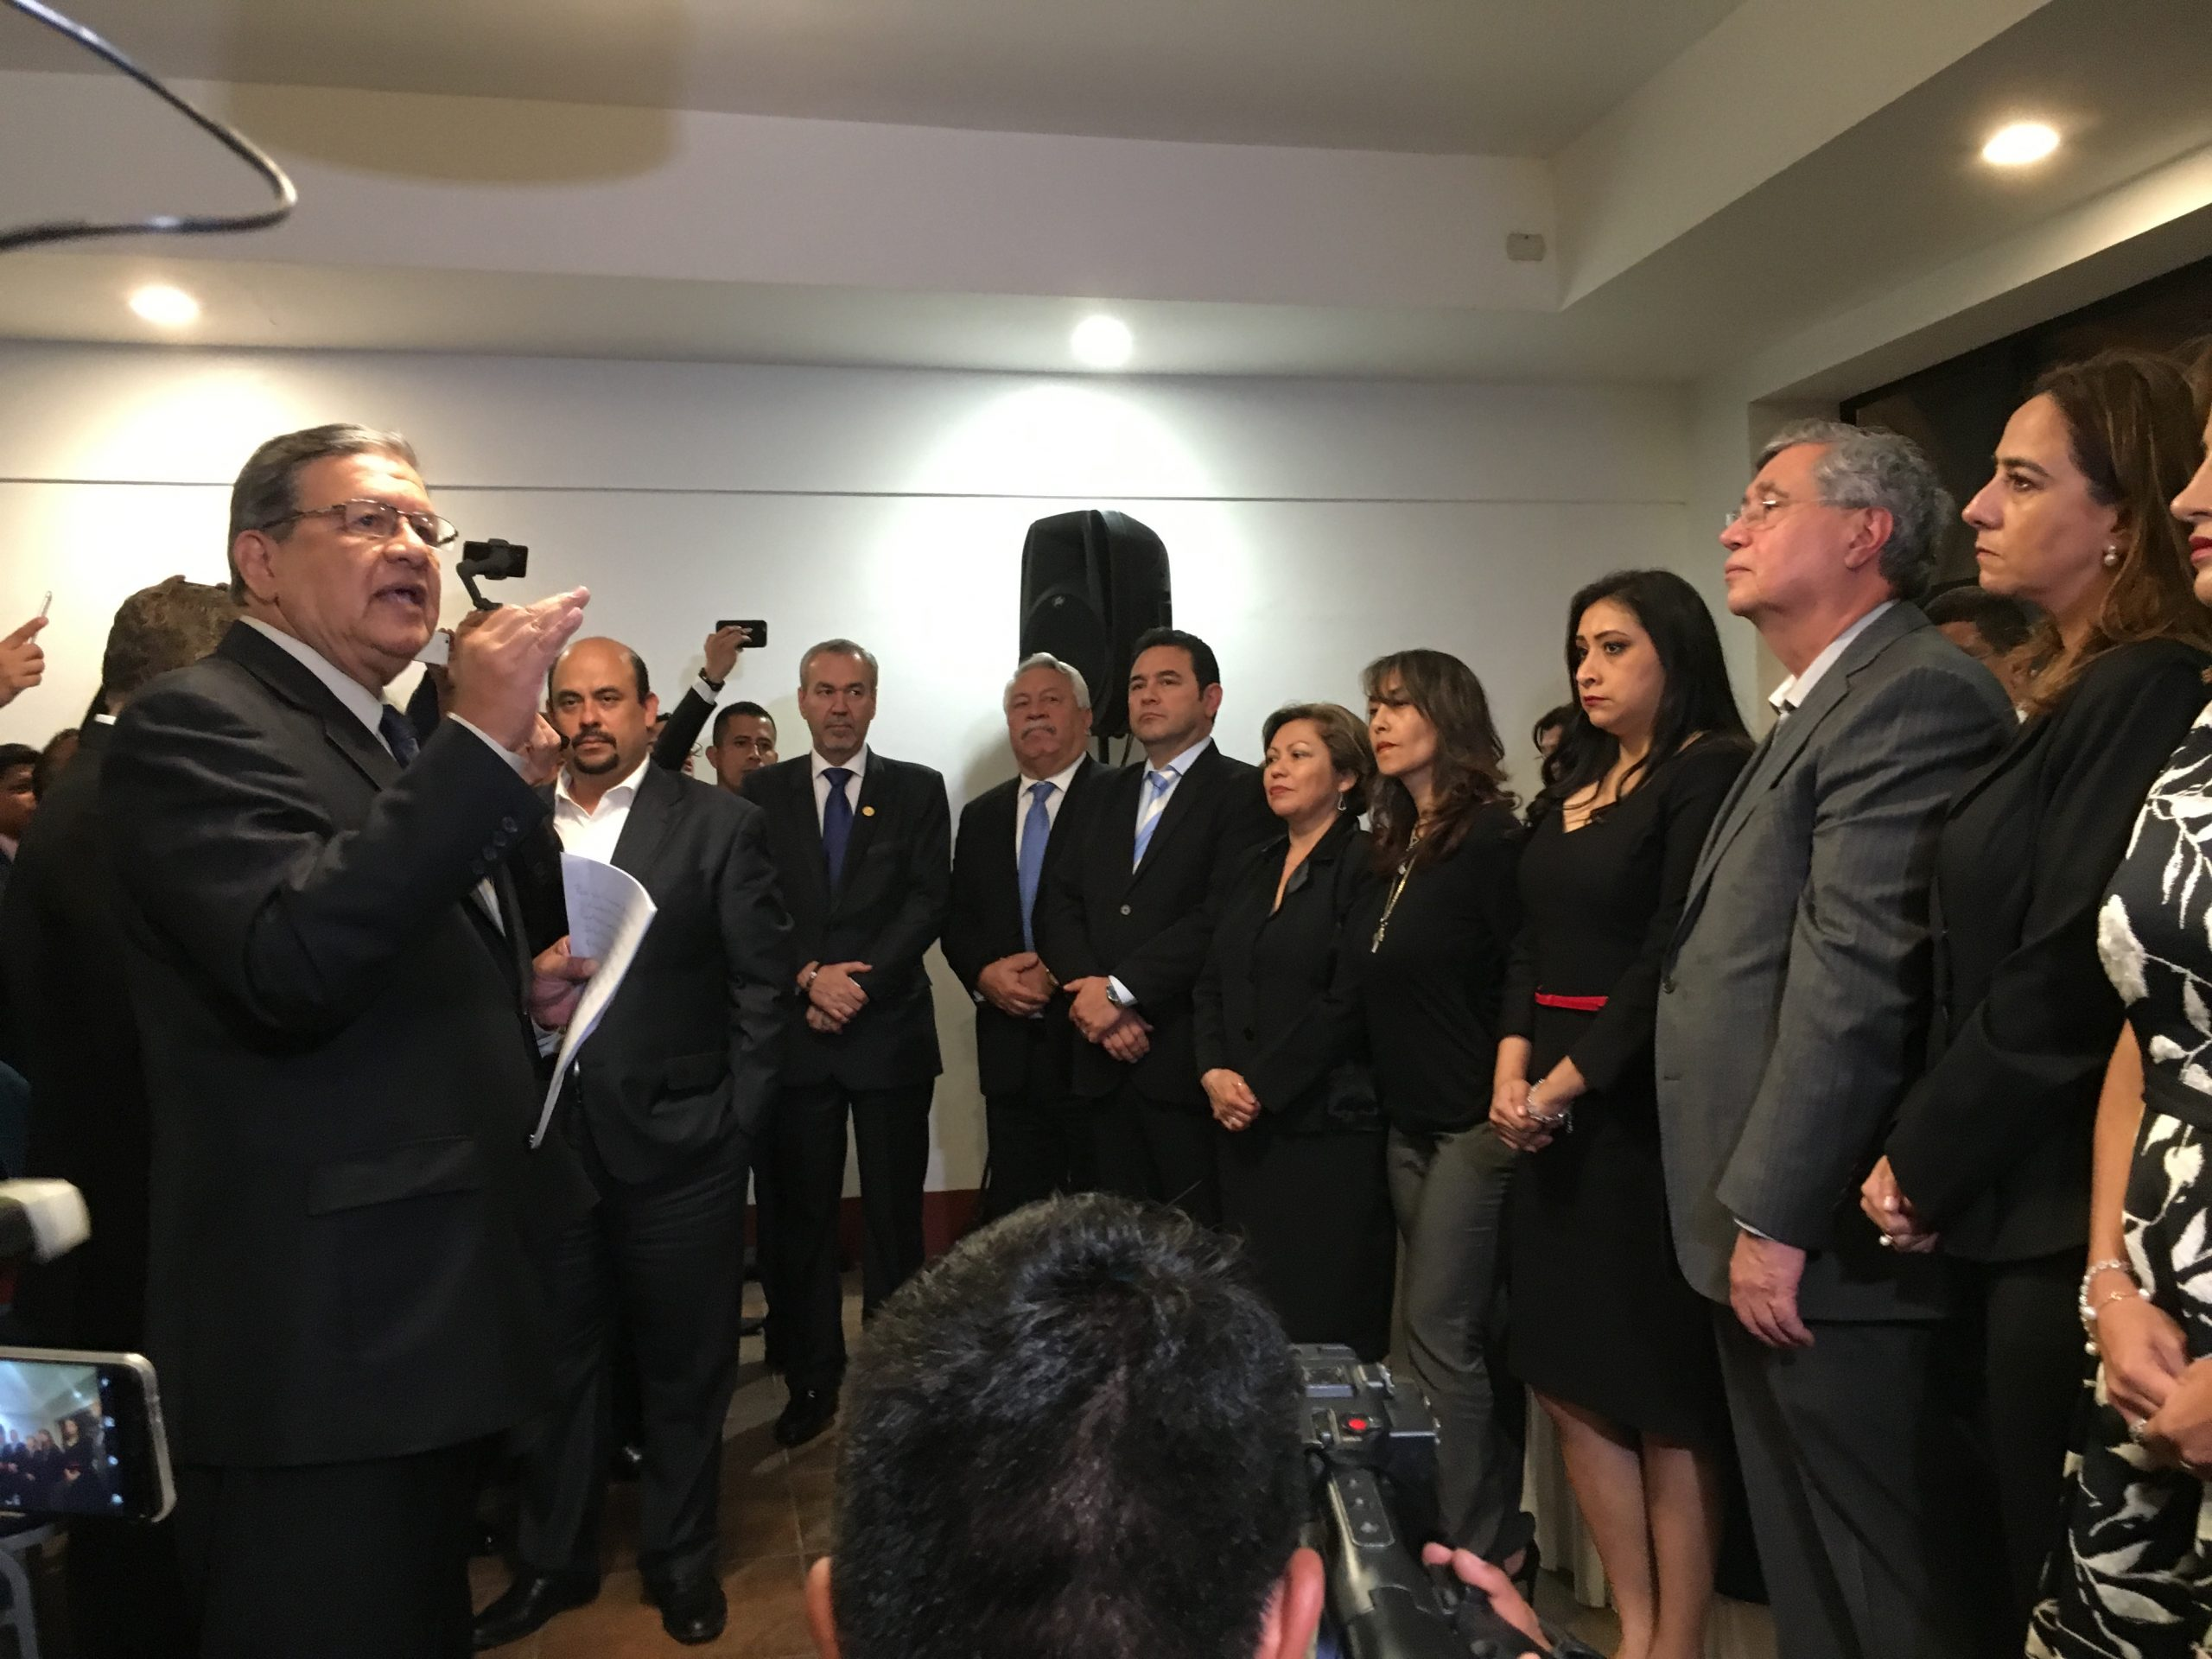 La bancada Guatemala es juramentada en el Parlacen. Entre ellos, Jimmy y Jafeth.